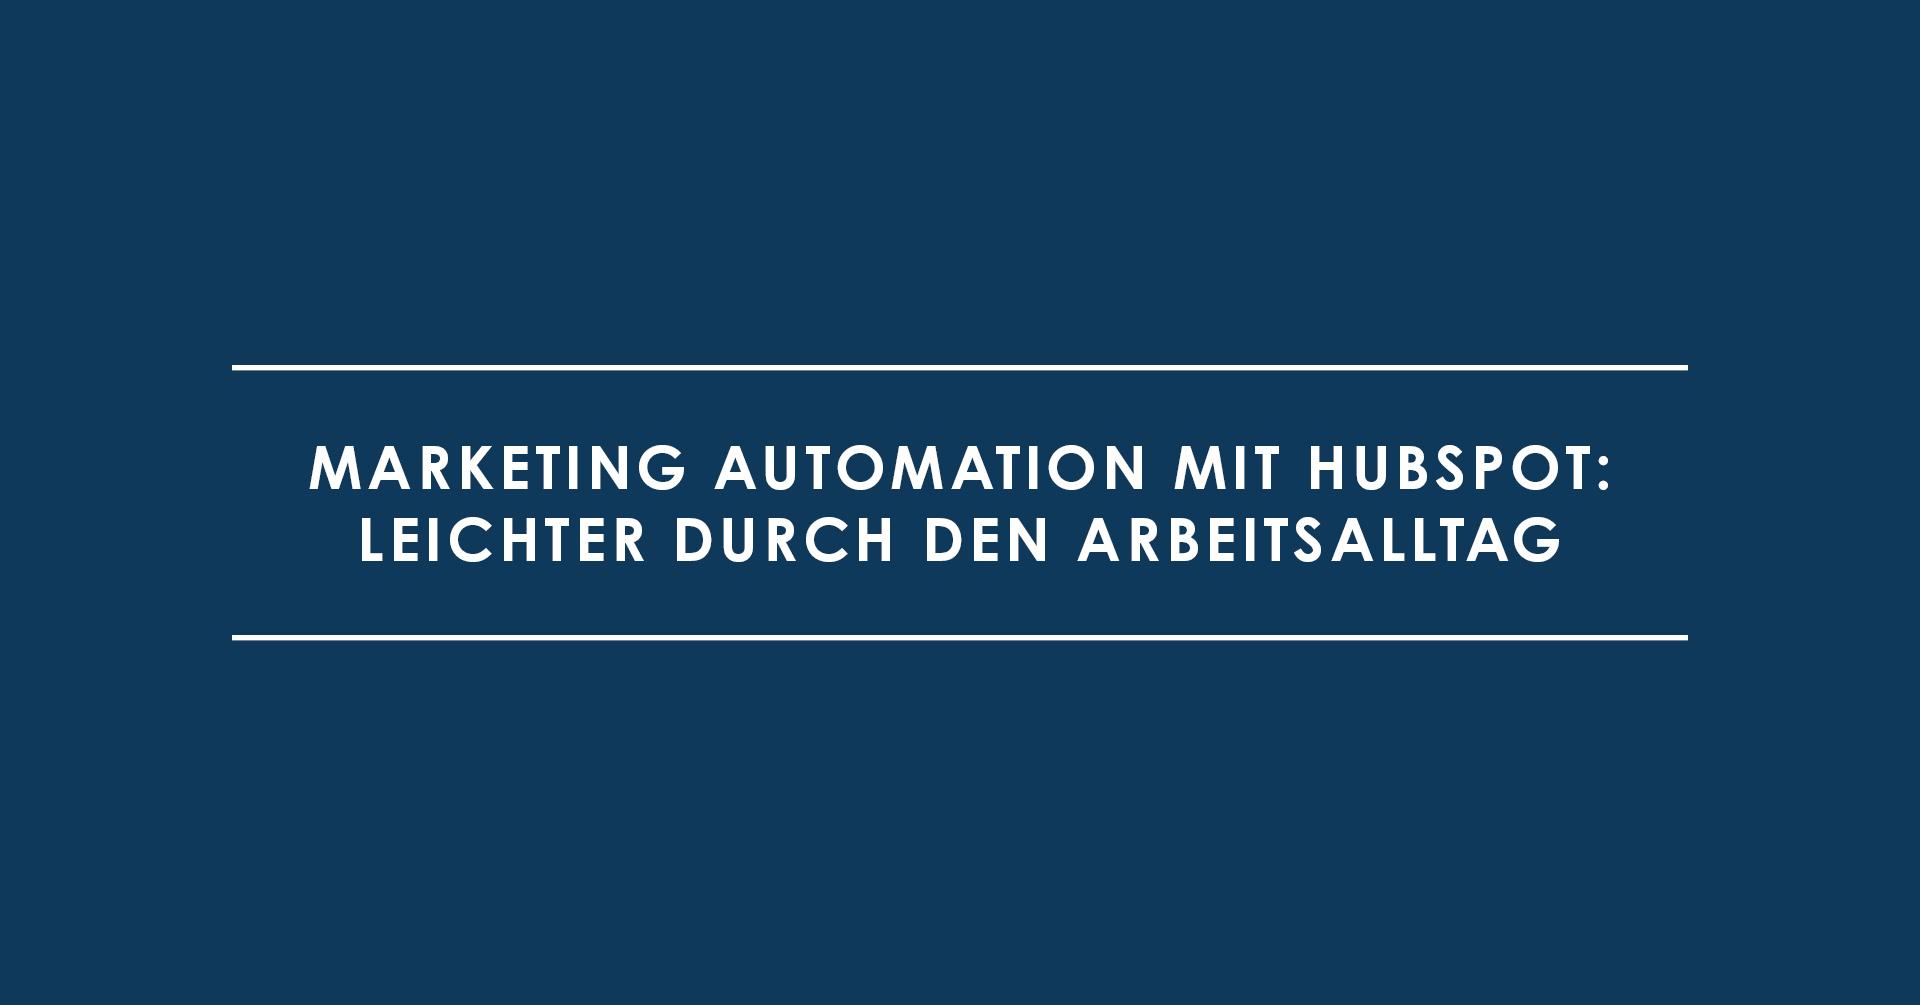 Marketing Automation mit HubSpot: Leichter durch den Arbeitsalltag